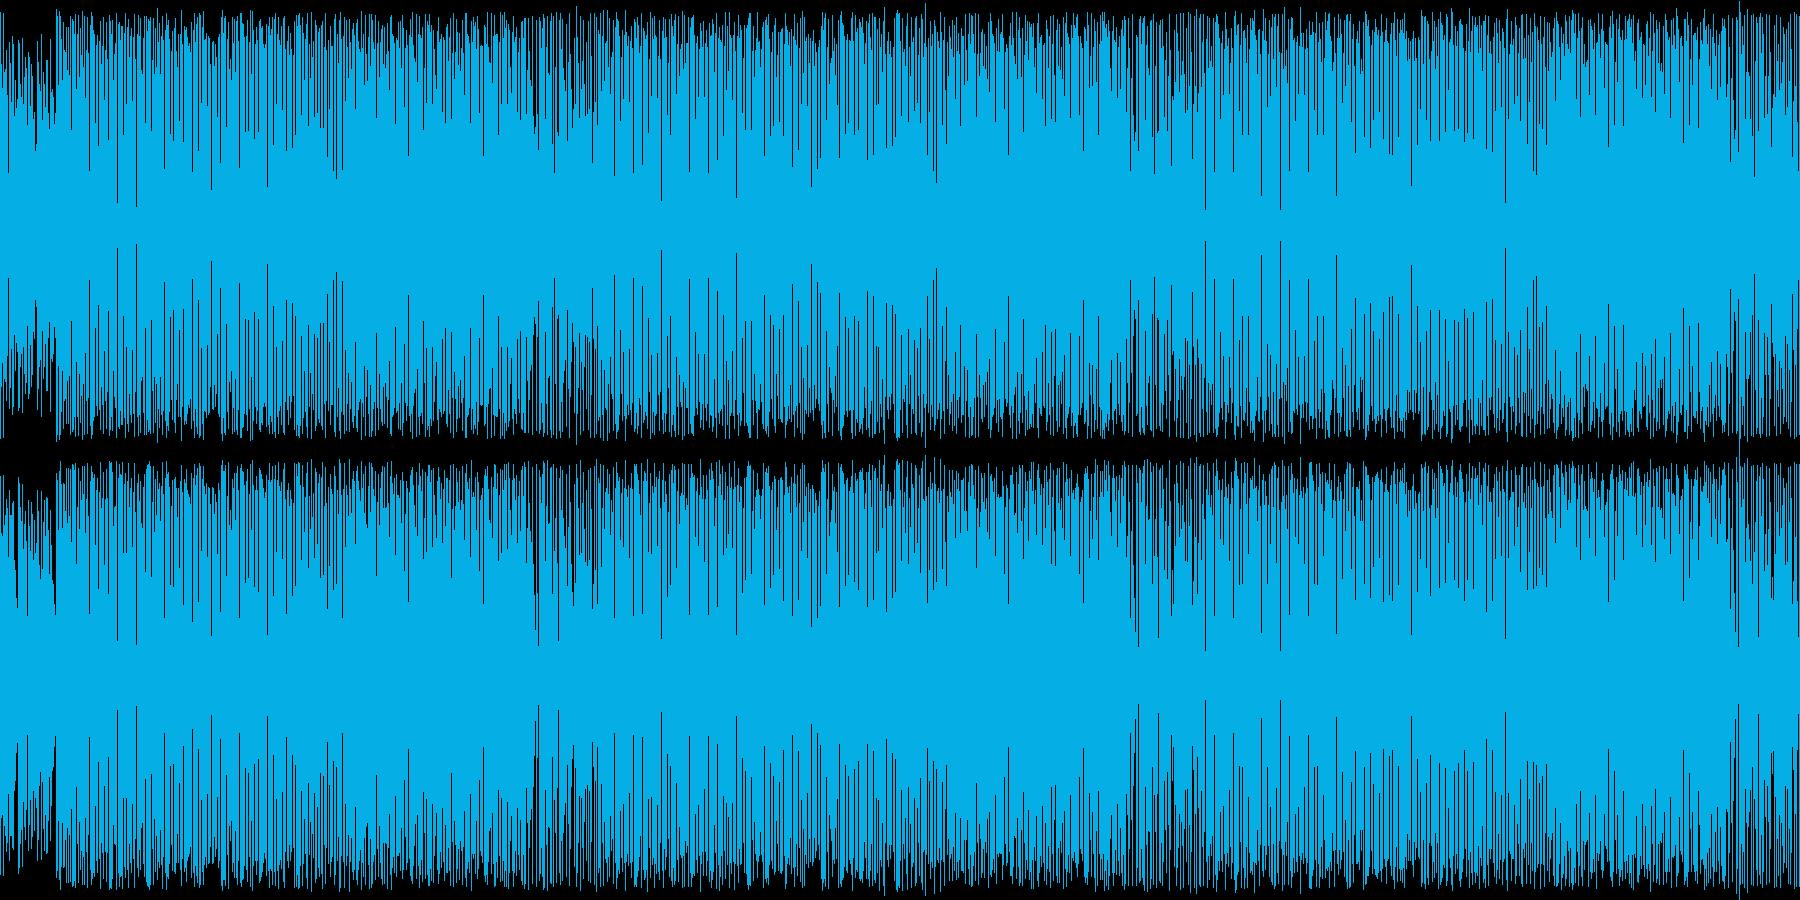 レトロゲーム風可愛いテクノポップ・ループの再生済みの波形